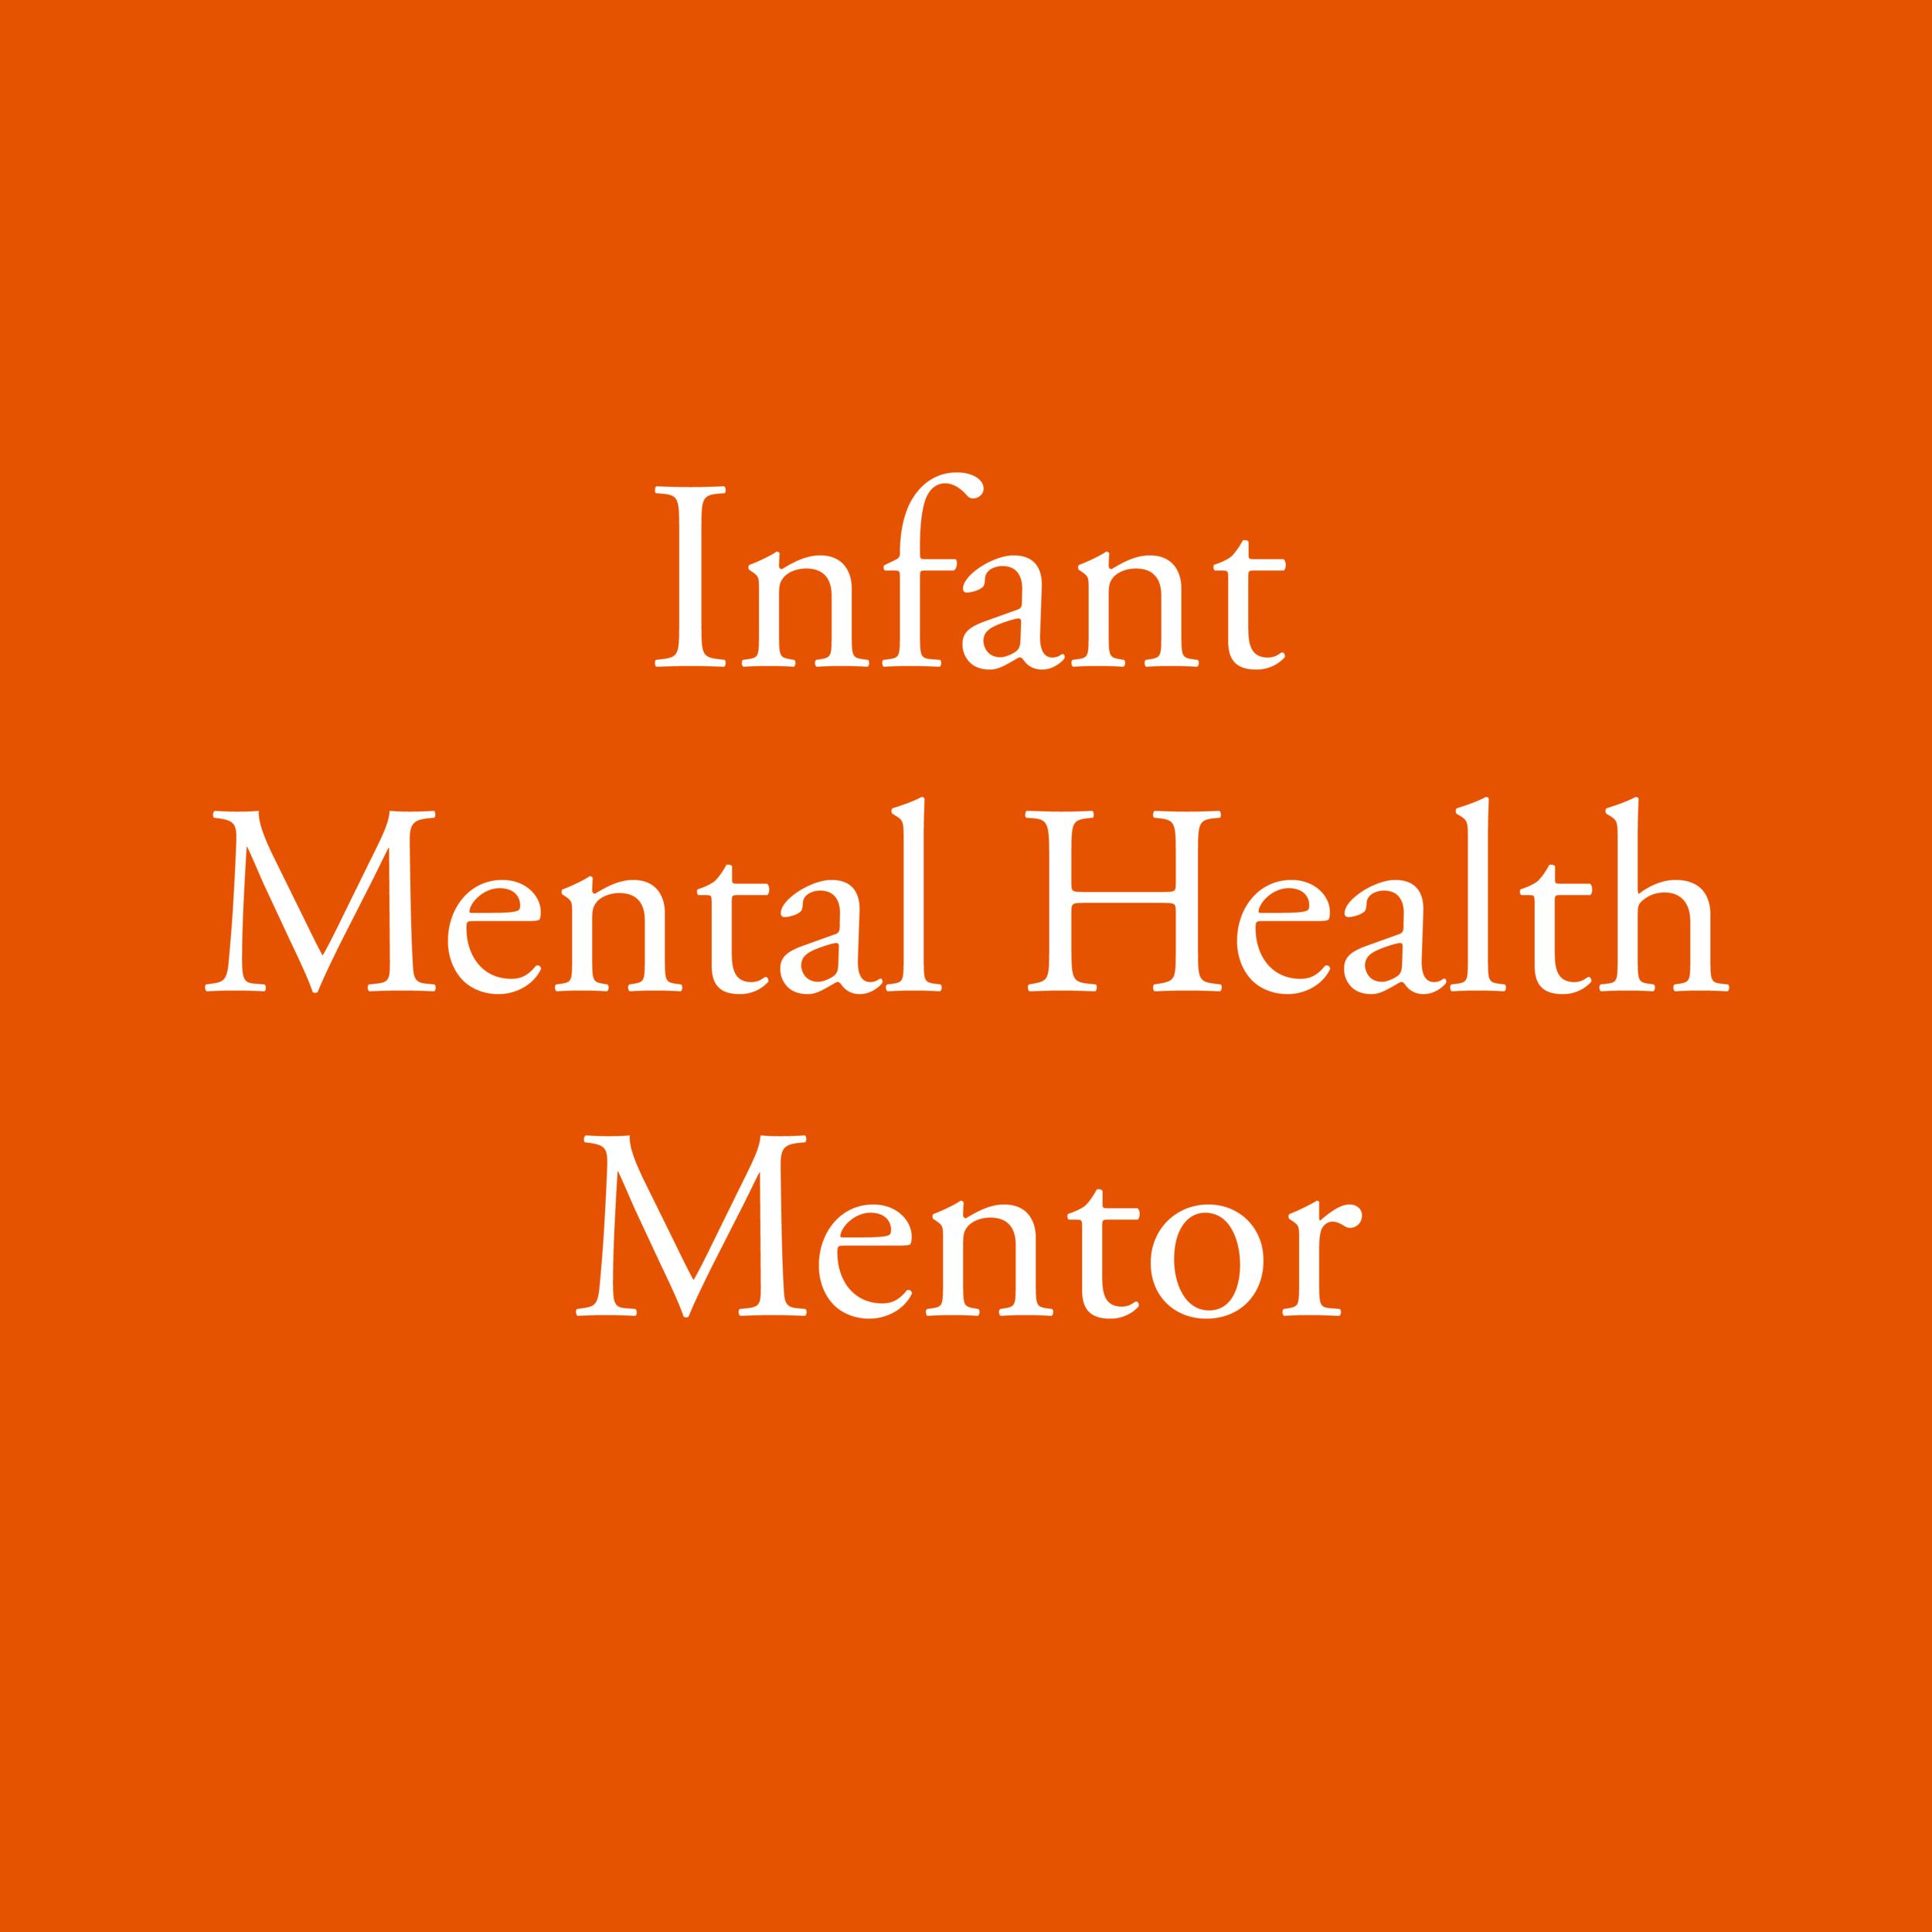 Infant Mental Health Mentor-01-01-01-01.png